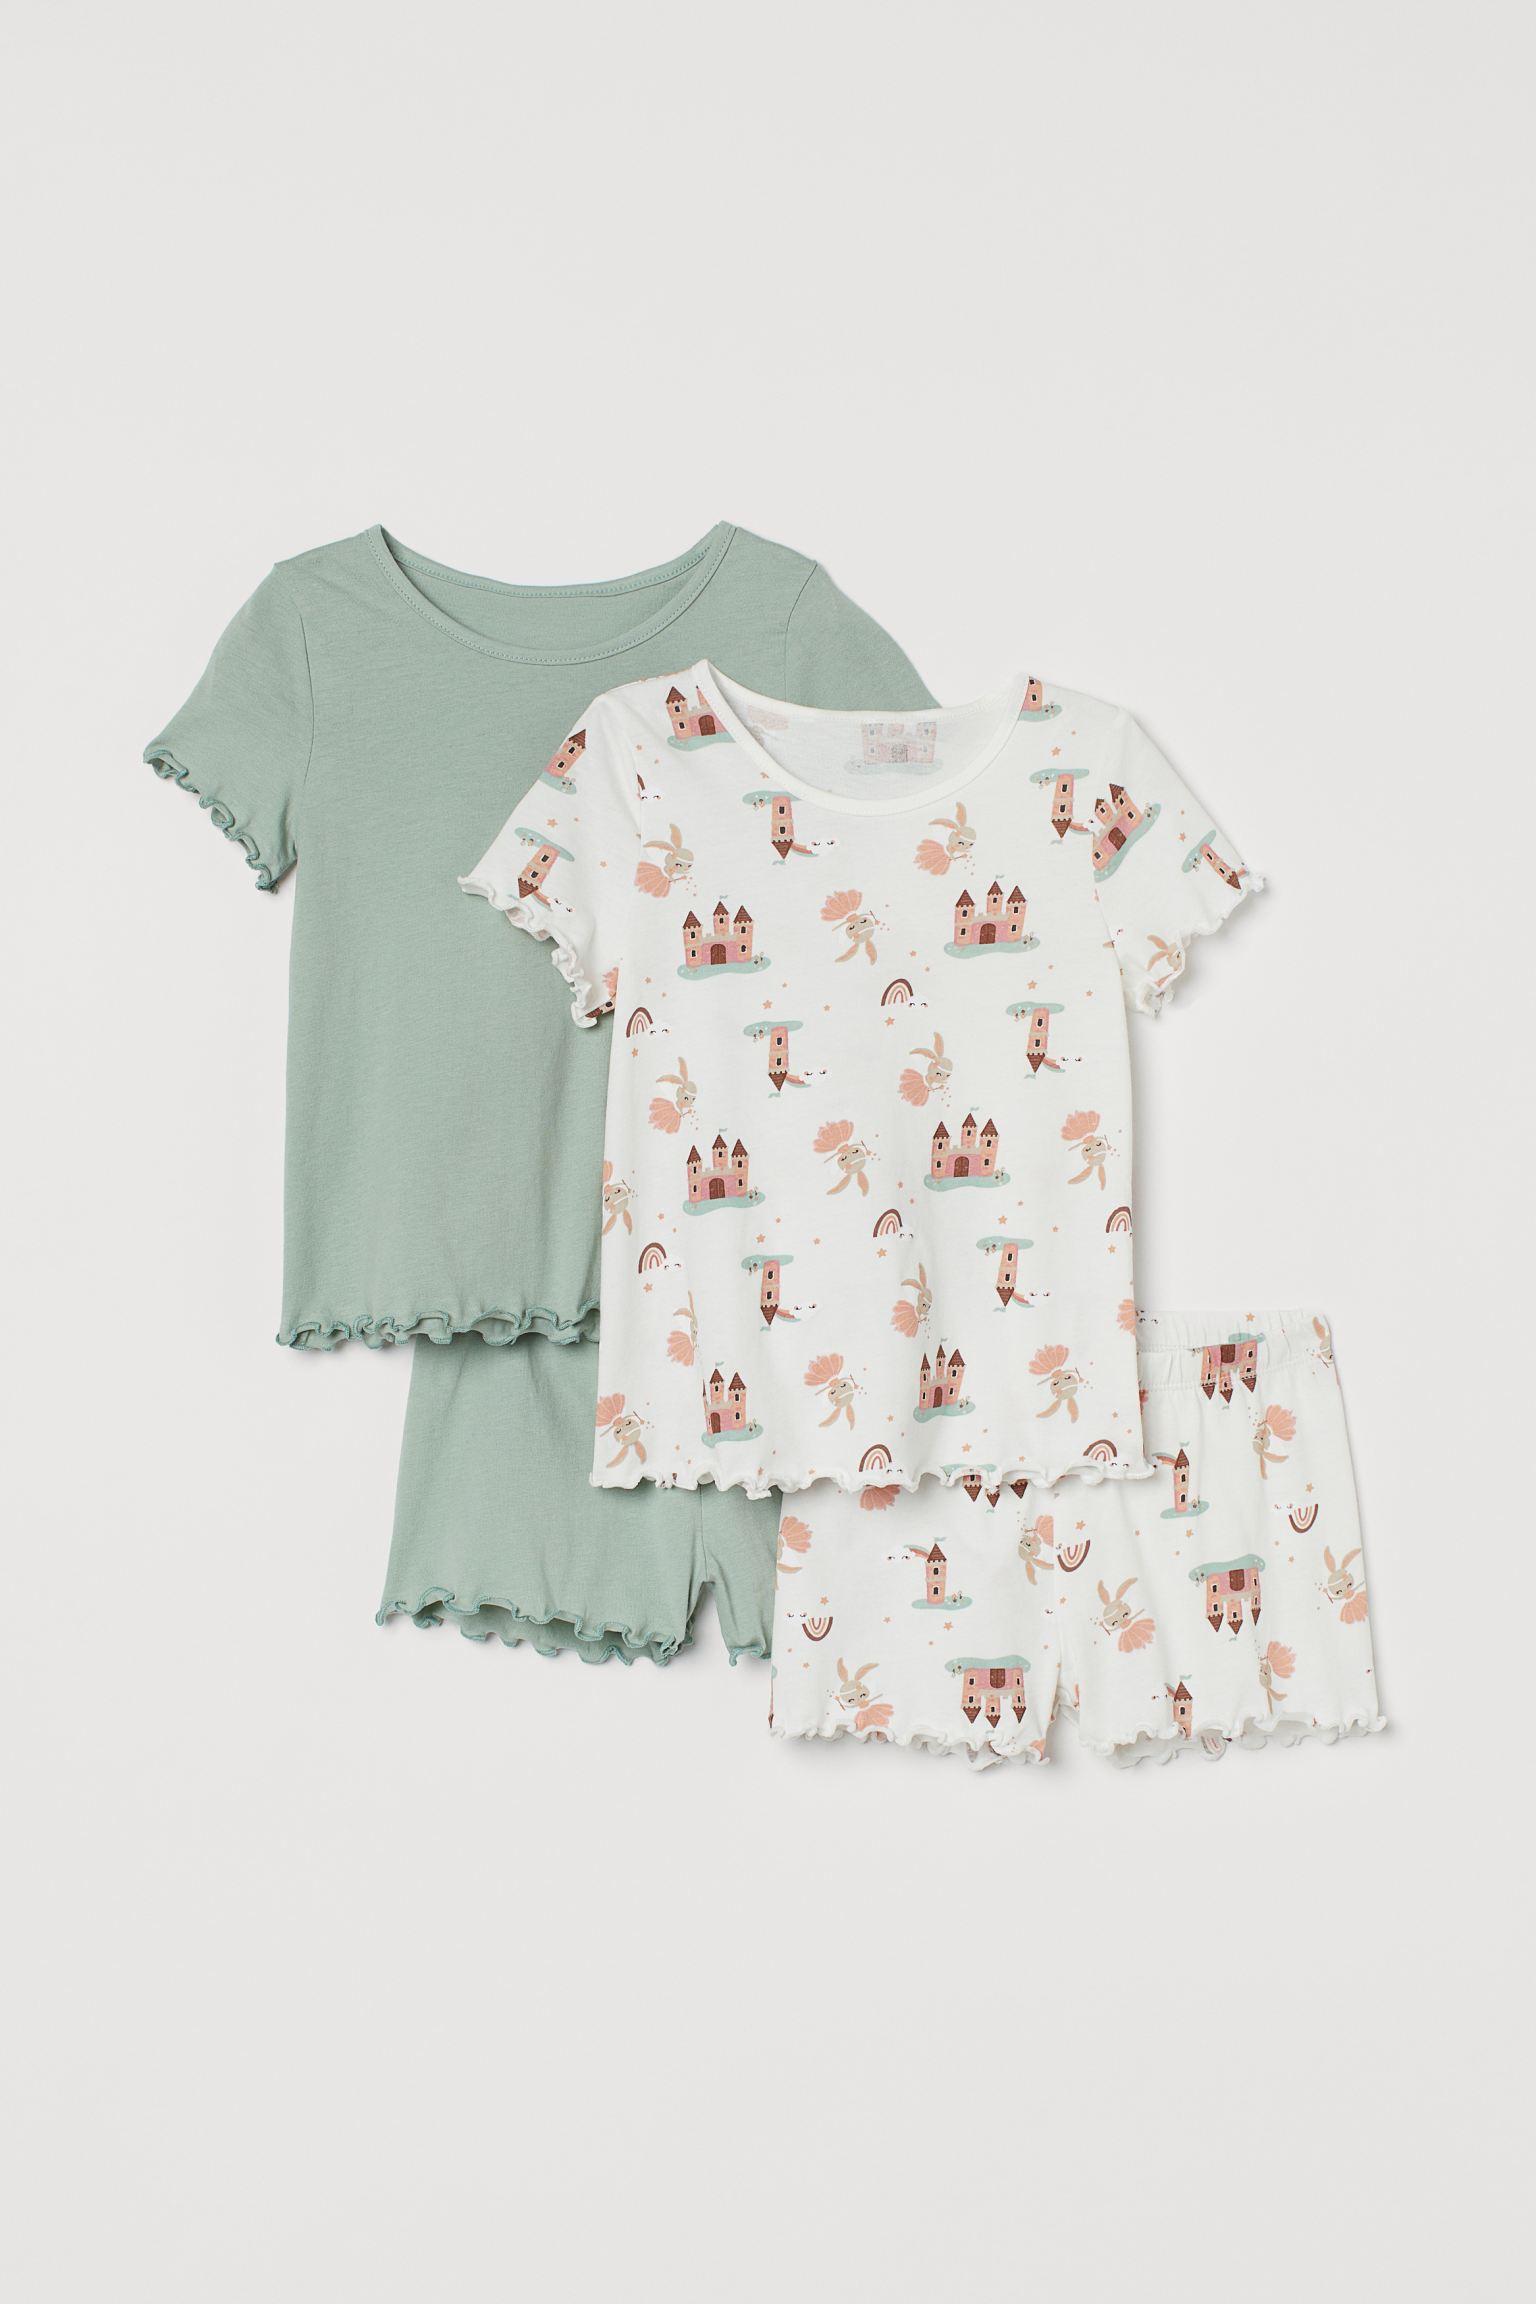 Pijamas en punto suave de algodón con ribetes sobrehilados. Camiseta con cuello fino ribeteado. Pantalón corto con cintura elástica suave.